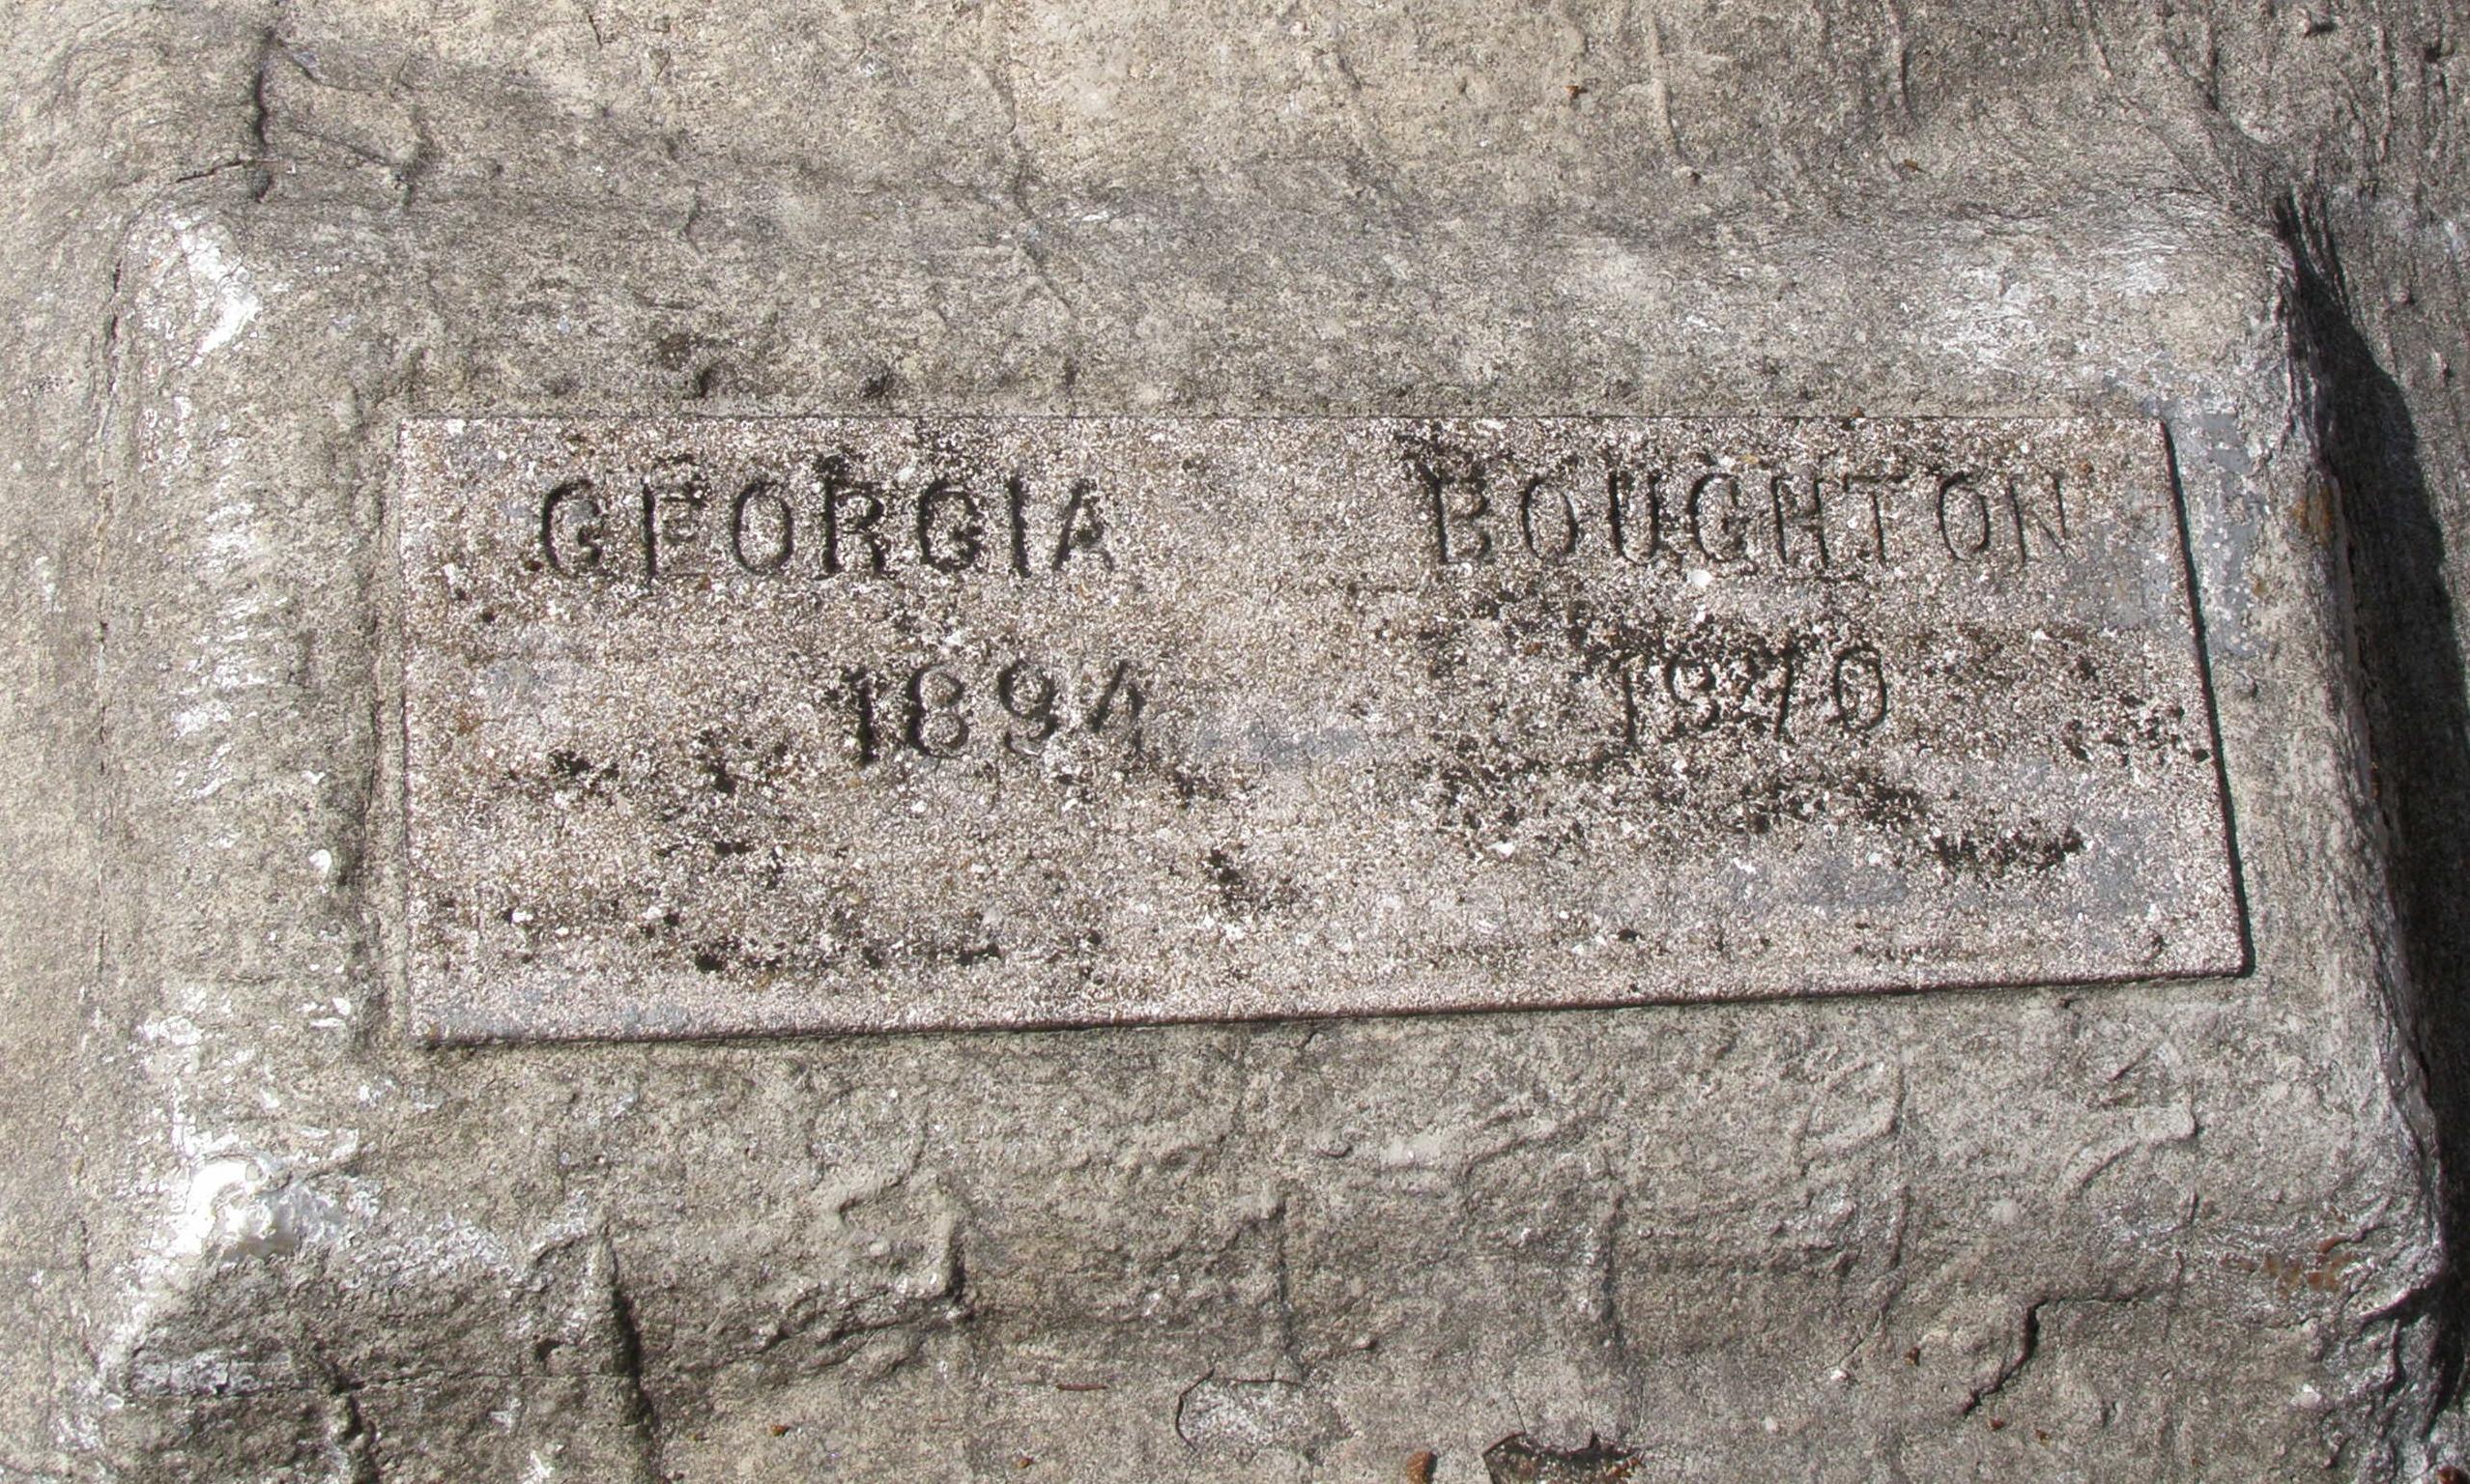 Georgia Boughton